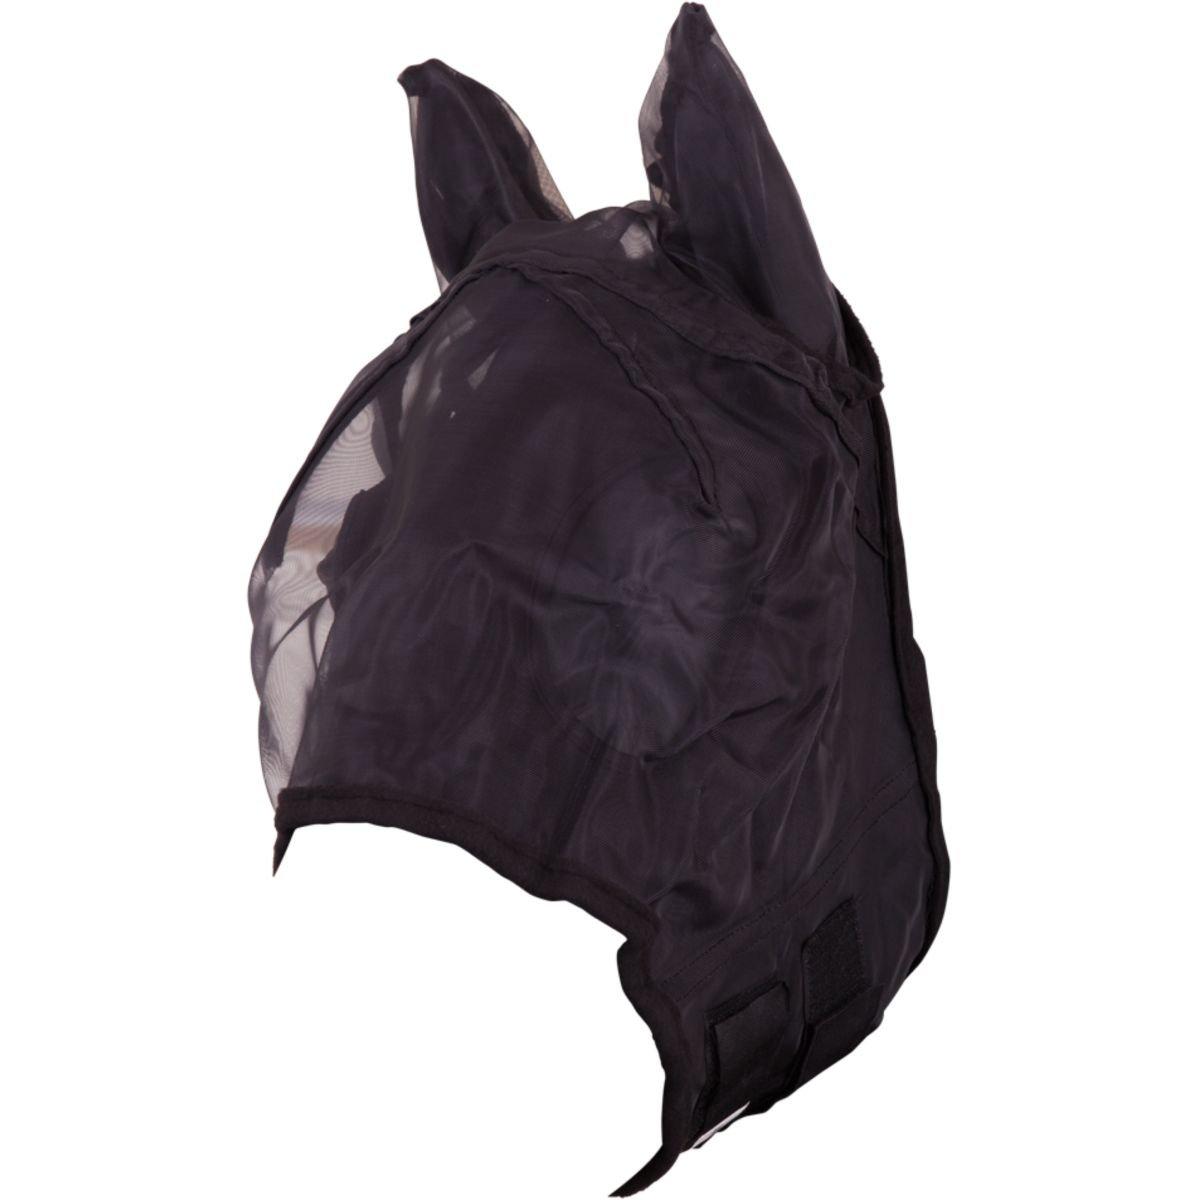 Afbeelding van Absorbine Vliegenmasker Ultrashield met Oren Zwart Pony/Cob